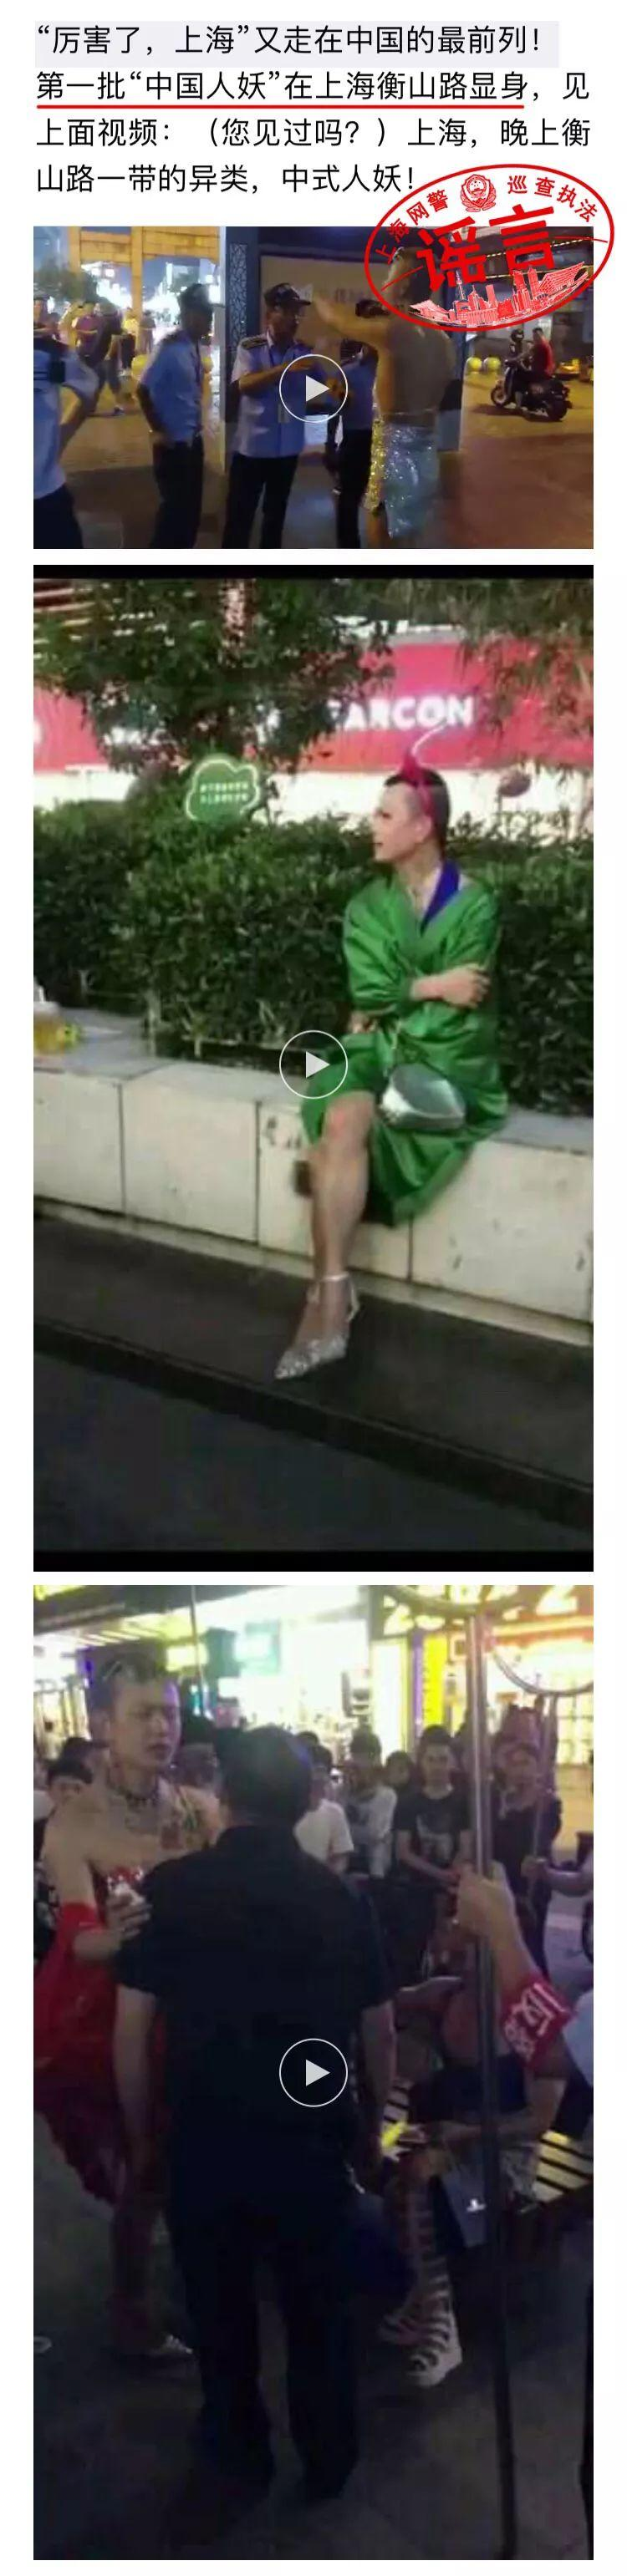 """""""中式人妖 """"在上海衡山路现身?!警方:造谣!"""